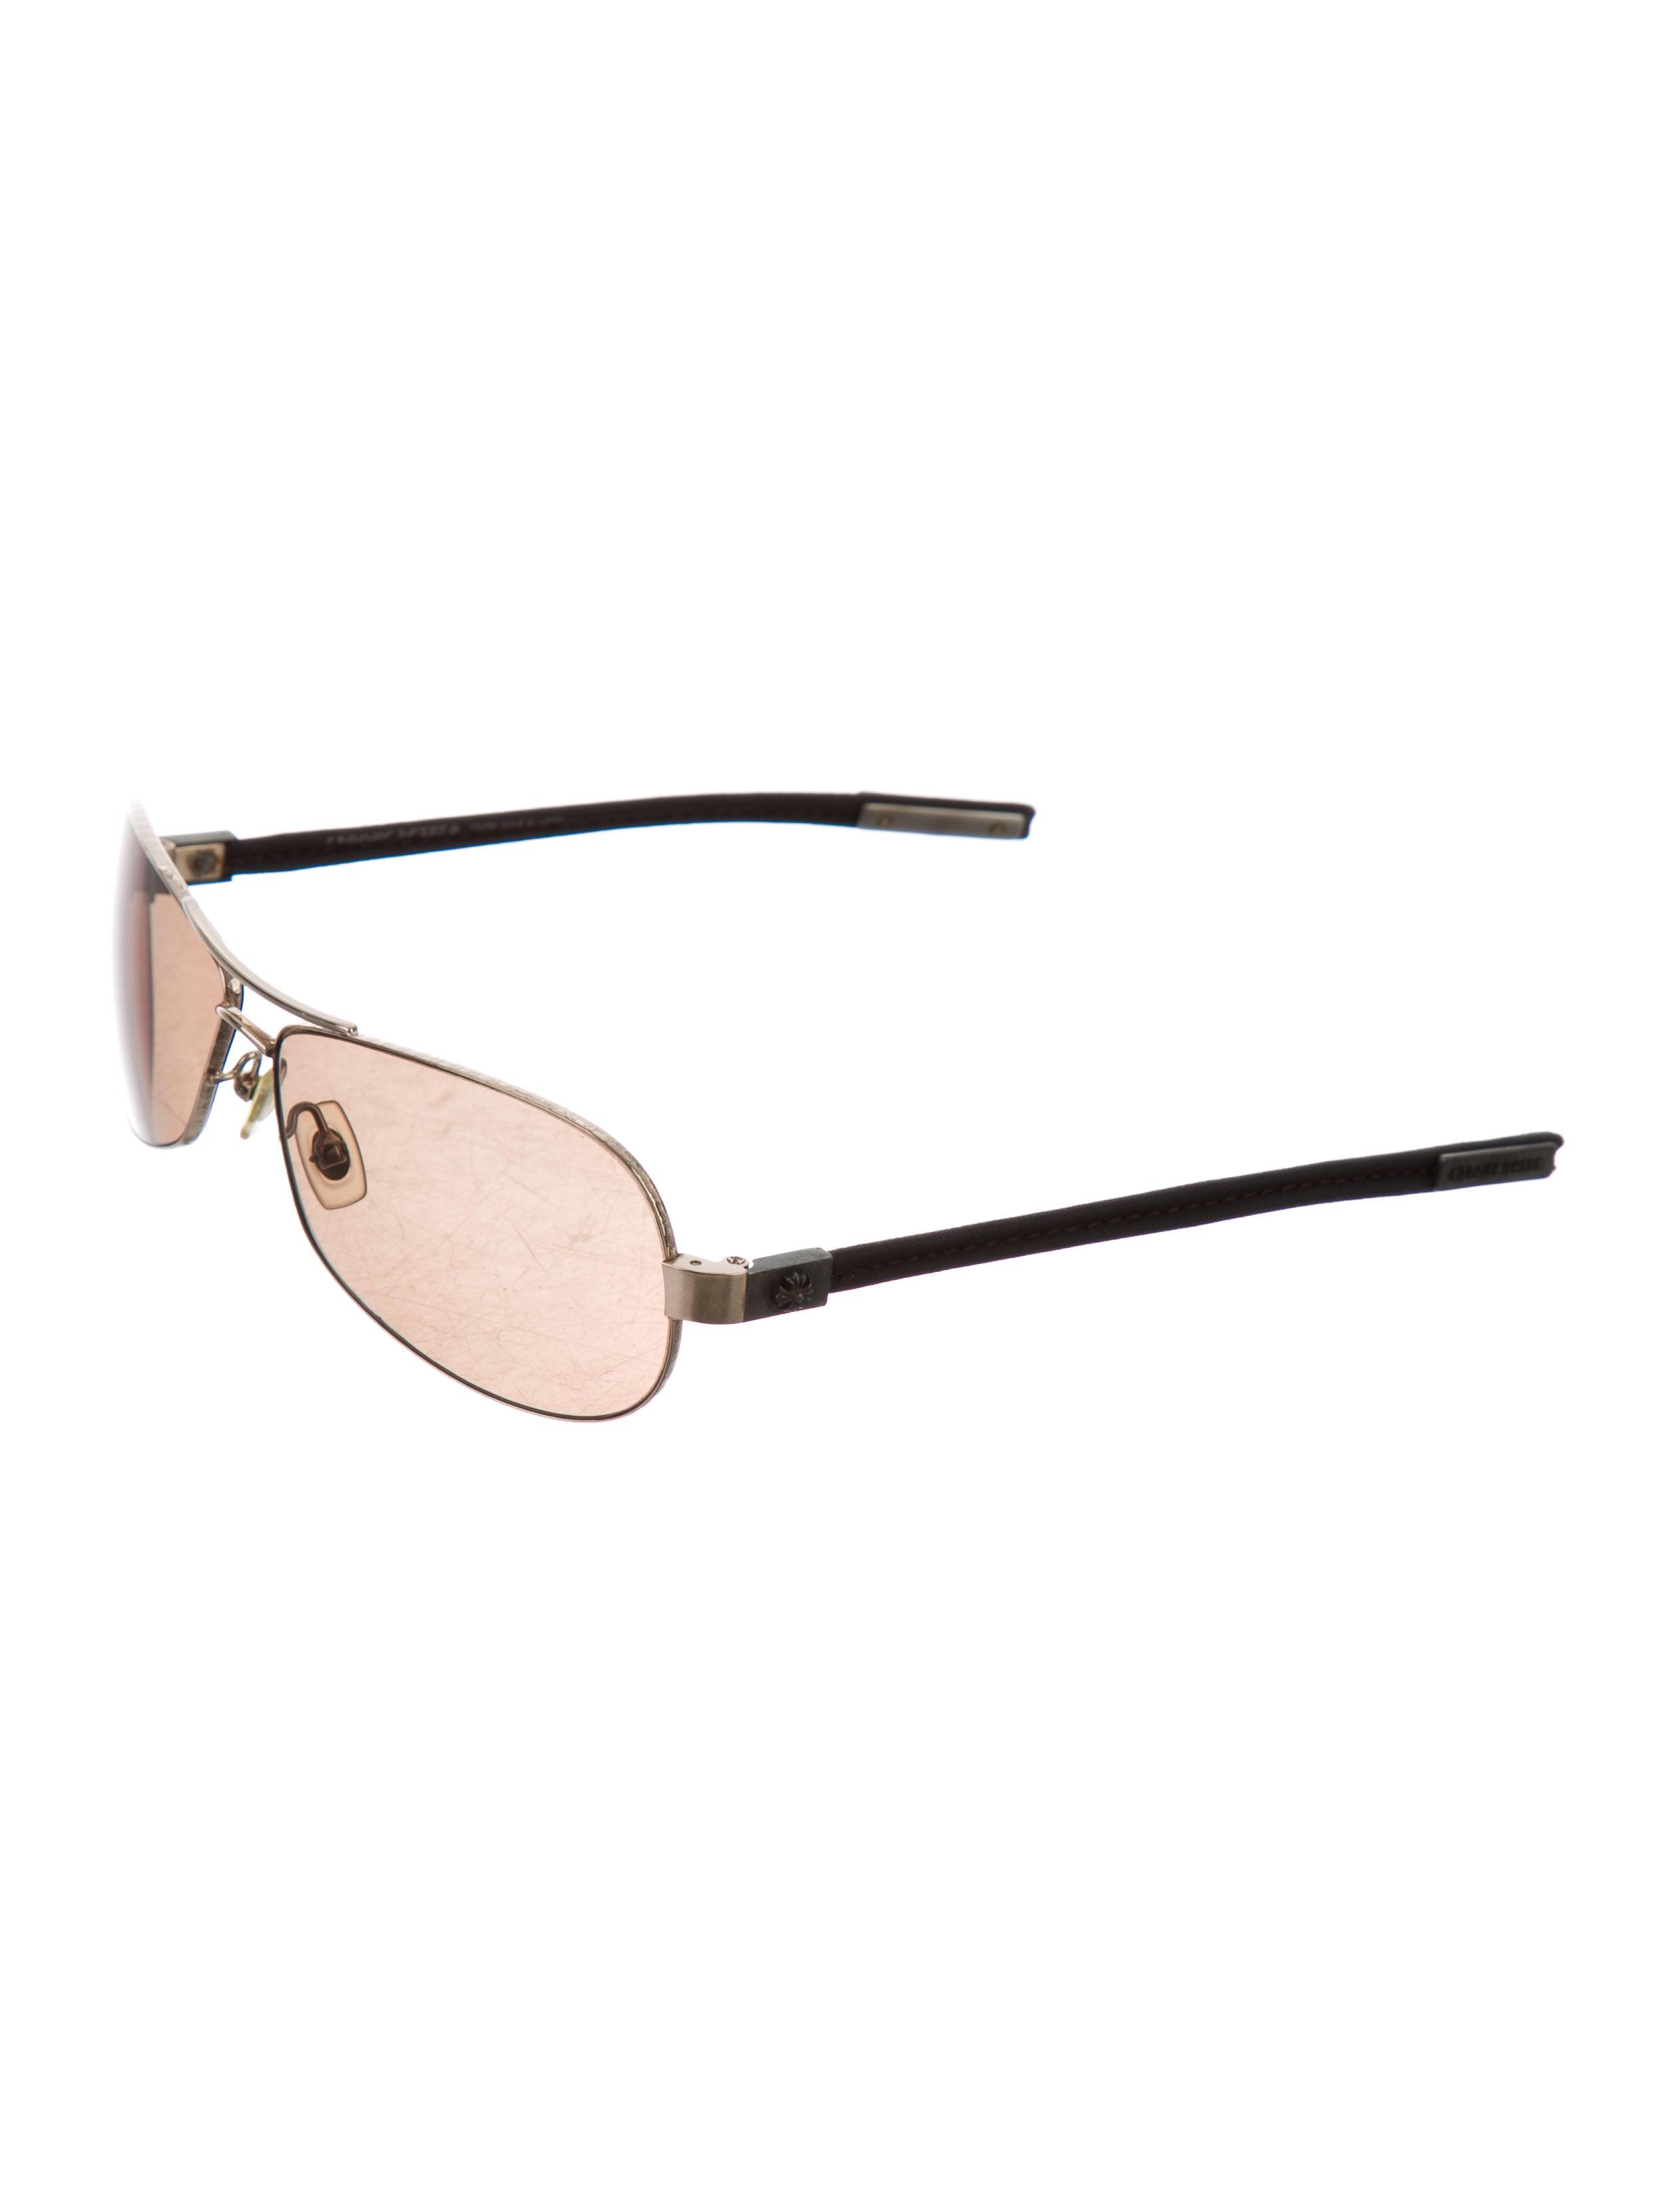 e4d1054b519 Chrome Hearts Leather Sunglasses Case